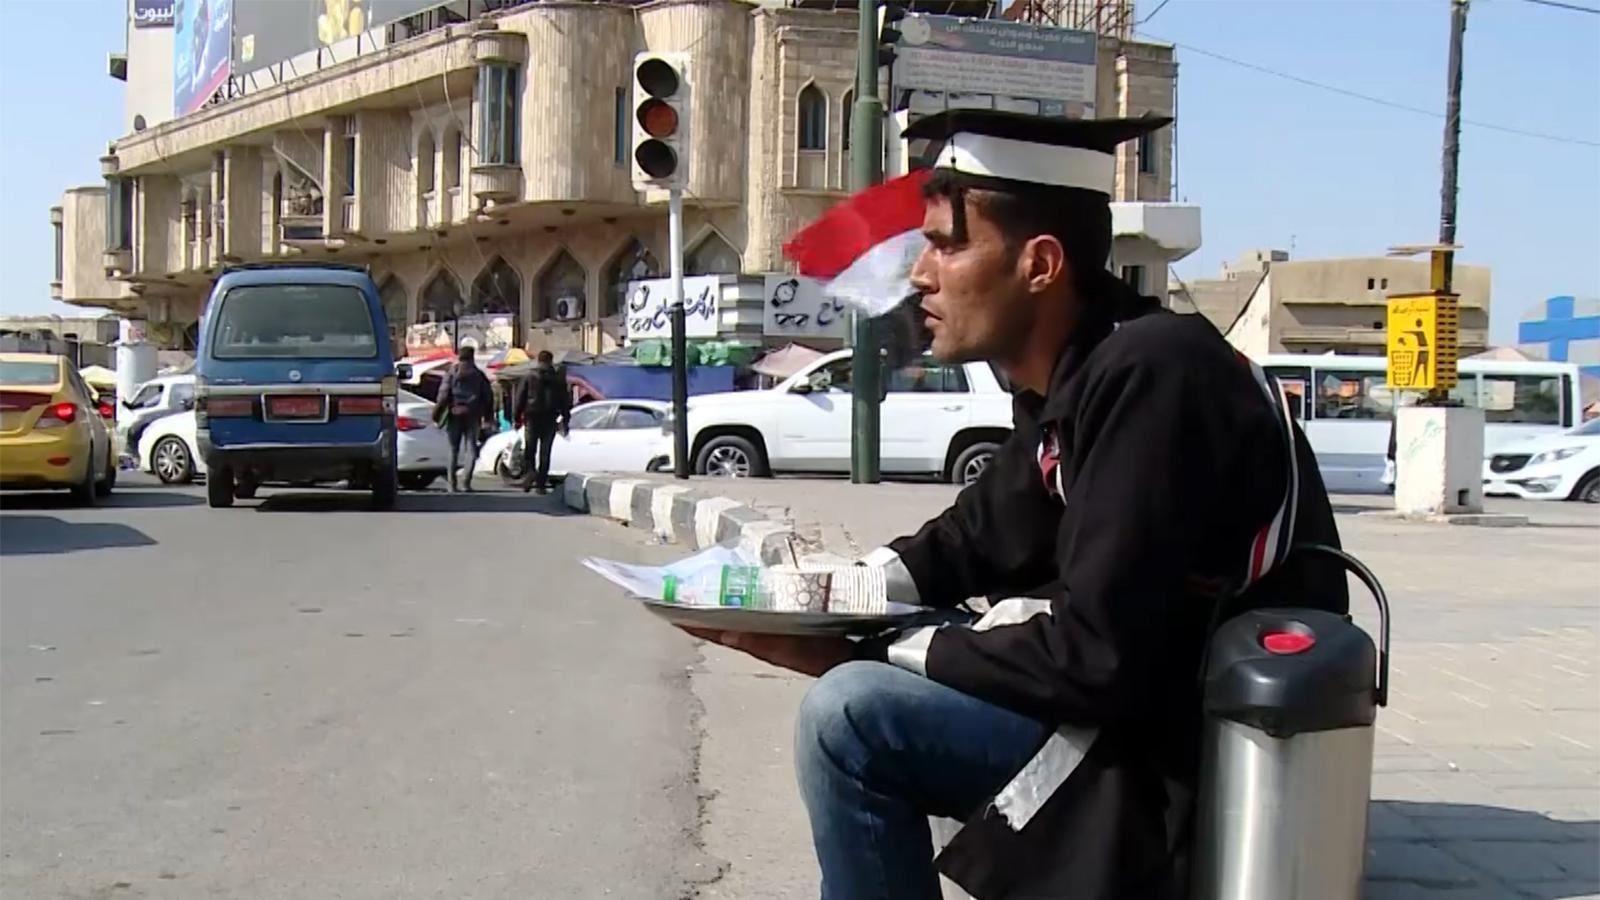 البطالة في العراق... معدلات متفاقمة وكابوس يطارد الباحثين عن فرصة نجاة!